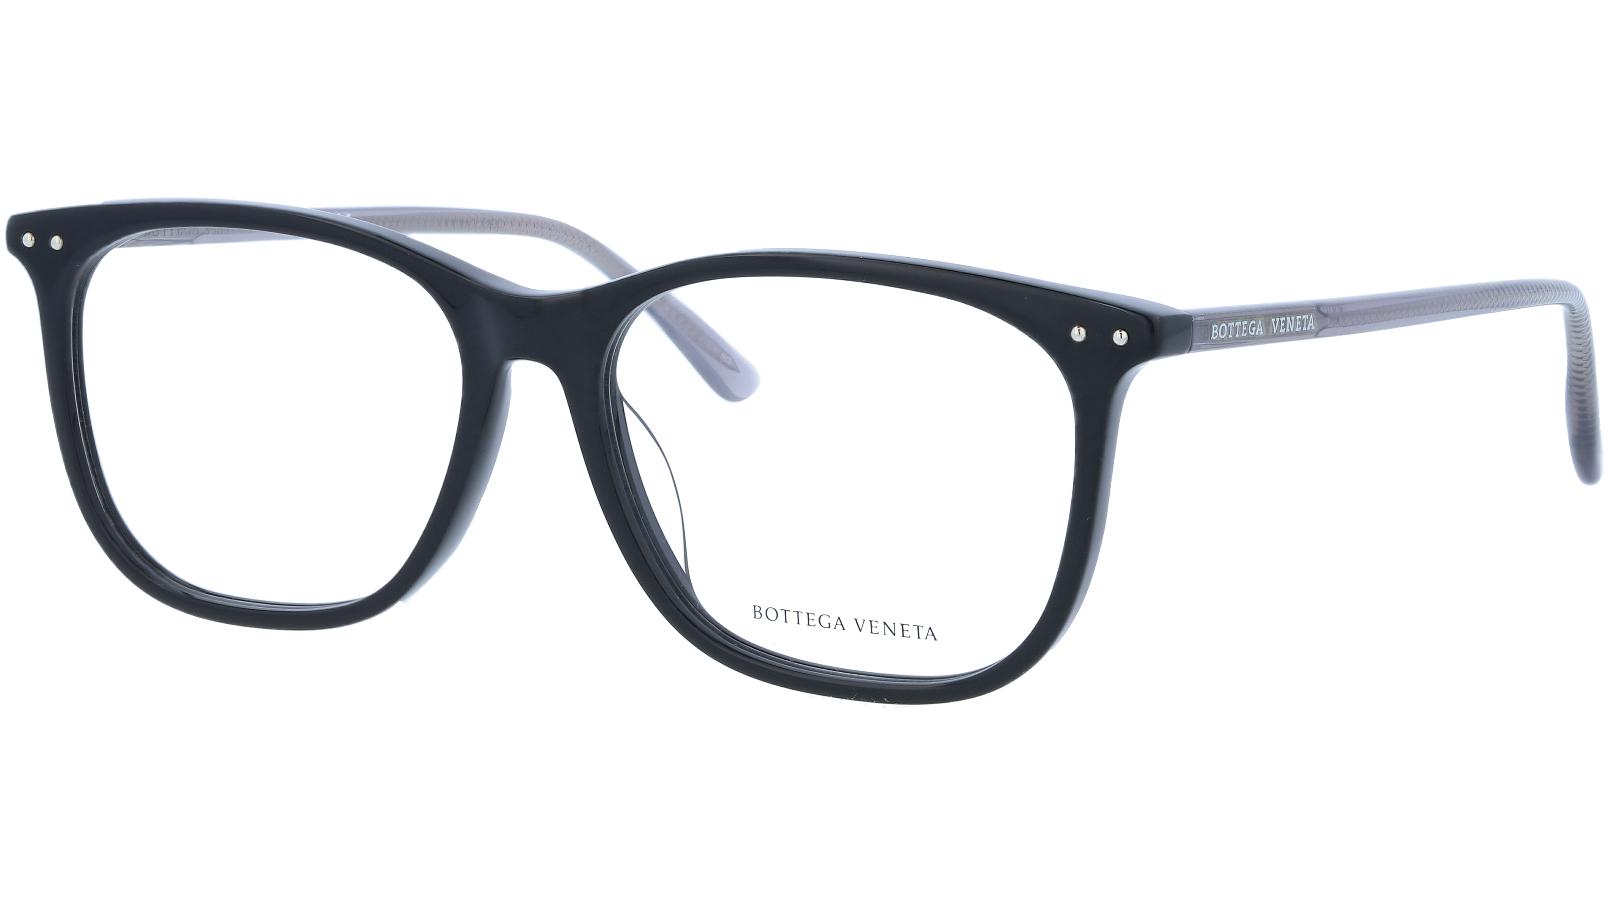 BOTTEGA VENETA BV0193OA 001 56 BLACK Glasses